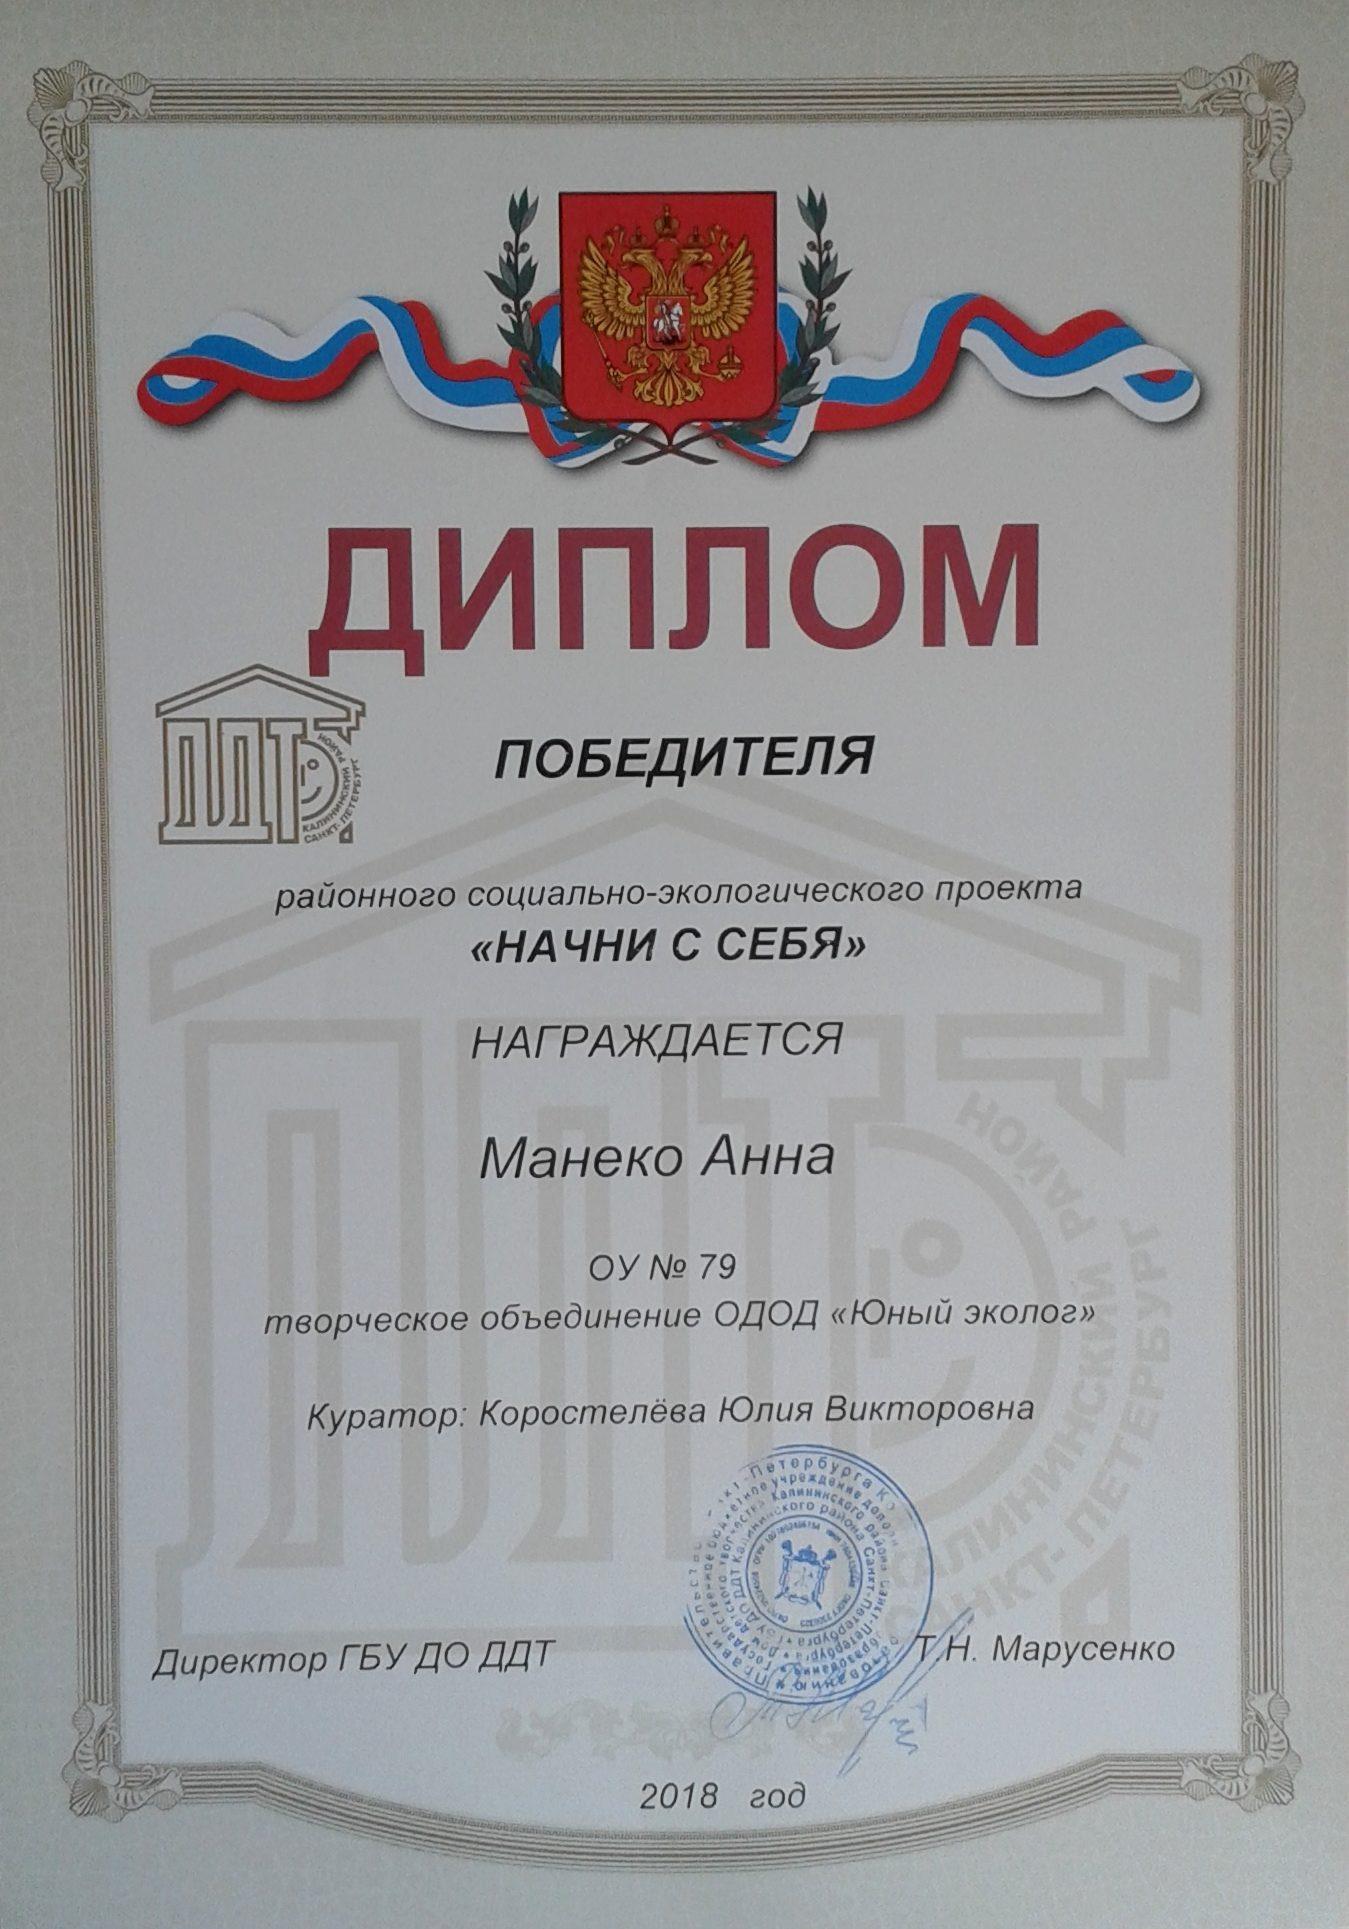 Манеко Анна